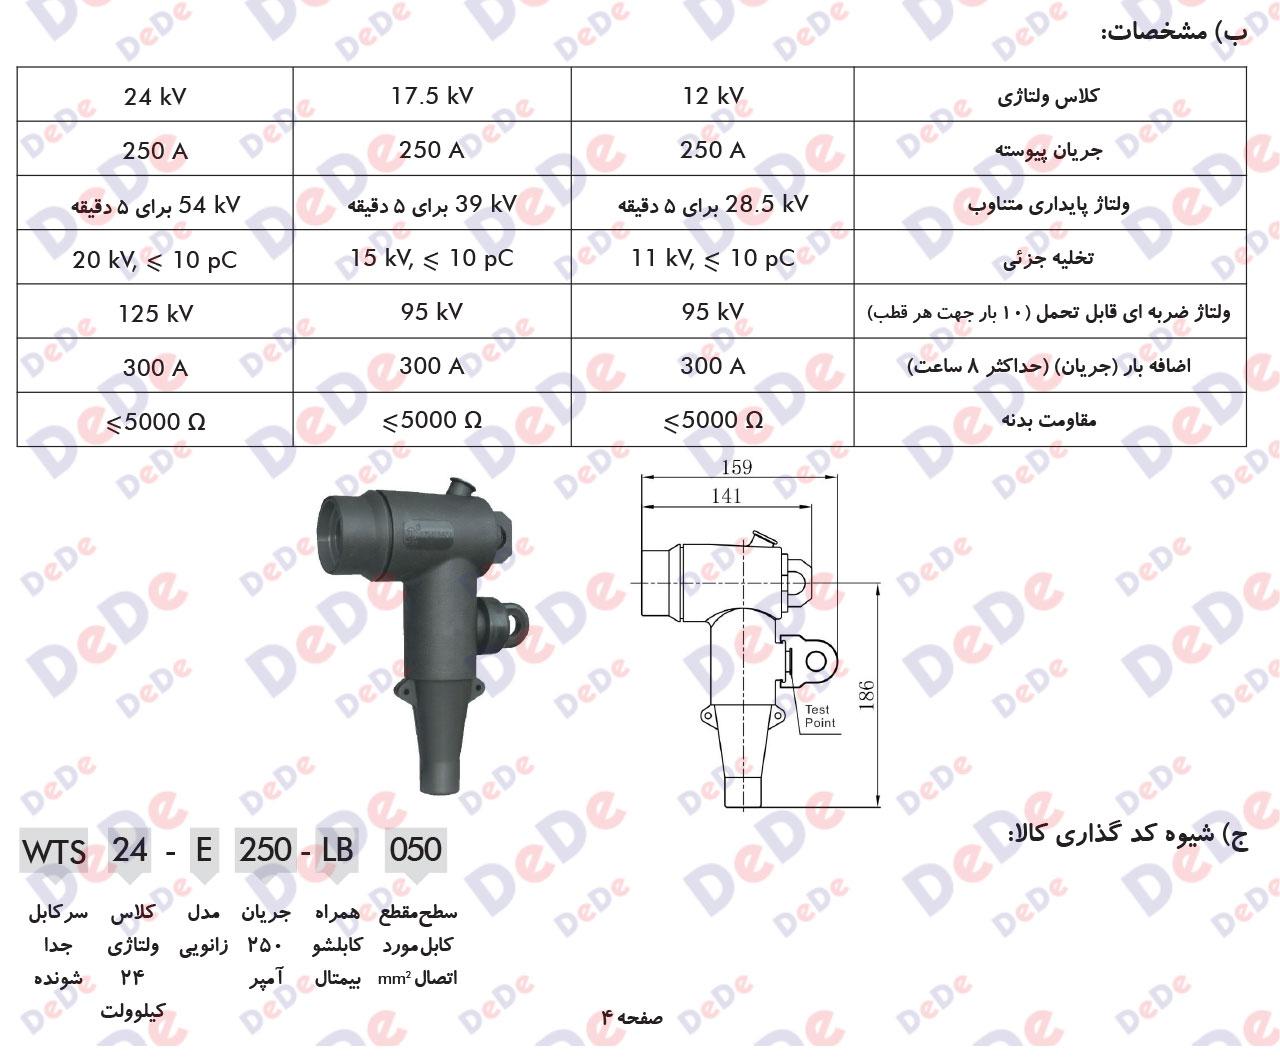 سرکابل جداشونده 250 آمپر24 کیلو ولت مدل زانویی (Elbow)